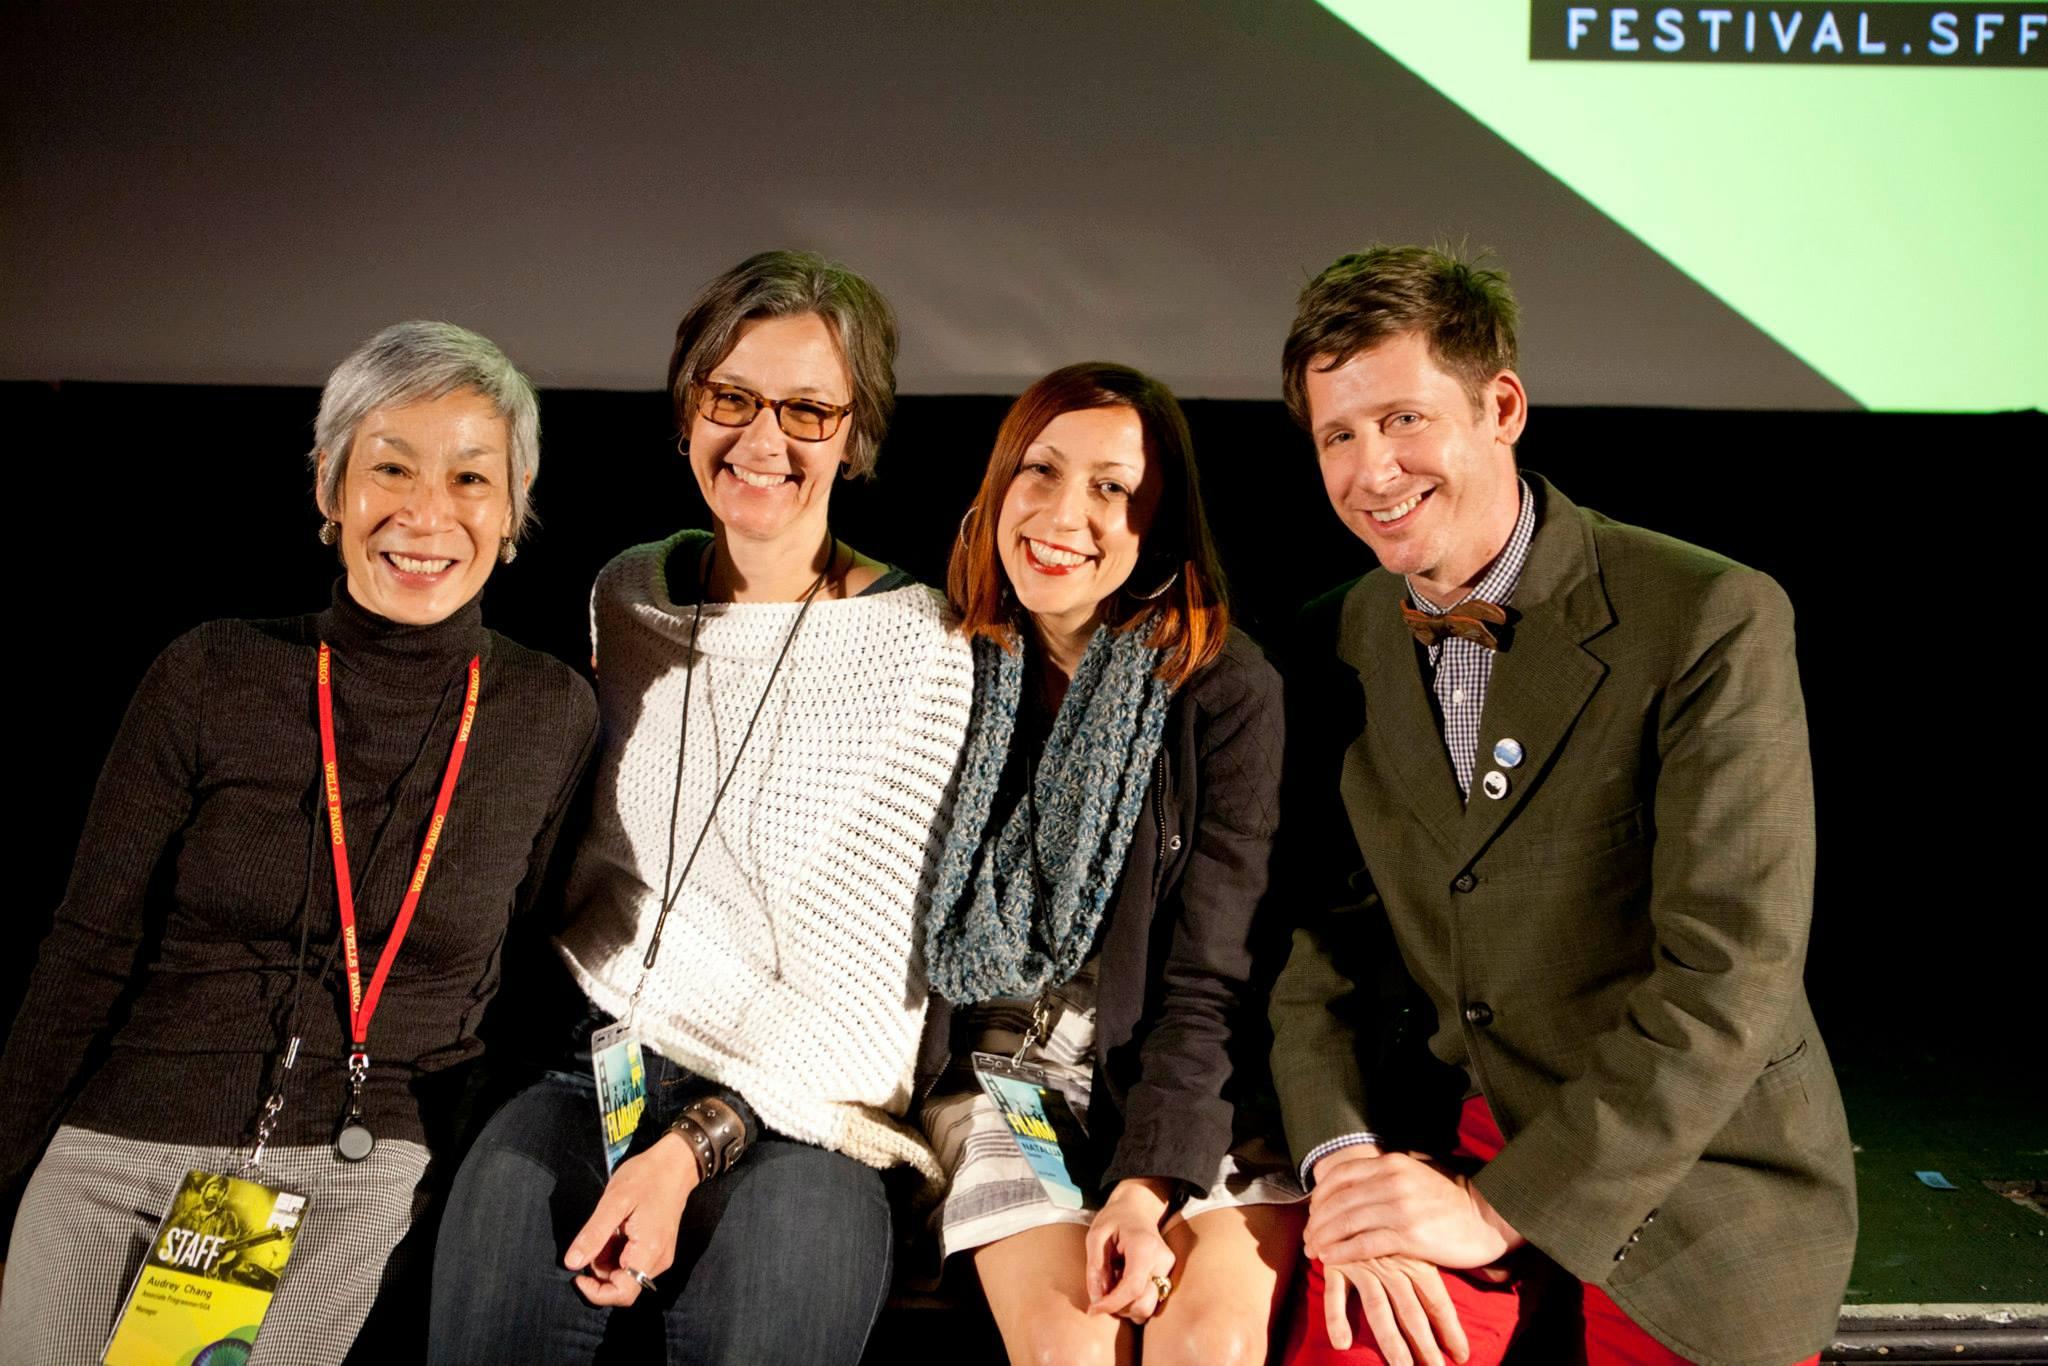 SFFS Associate Programmer Audrey Chang with filmmakers Gina Leibrecht, Natalija Vekic & Christian Bruno